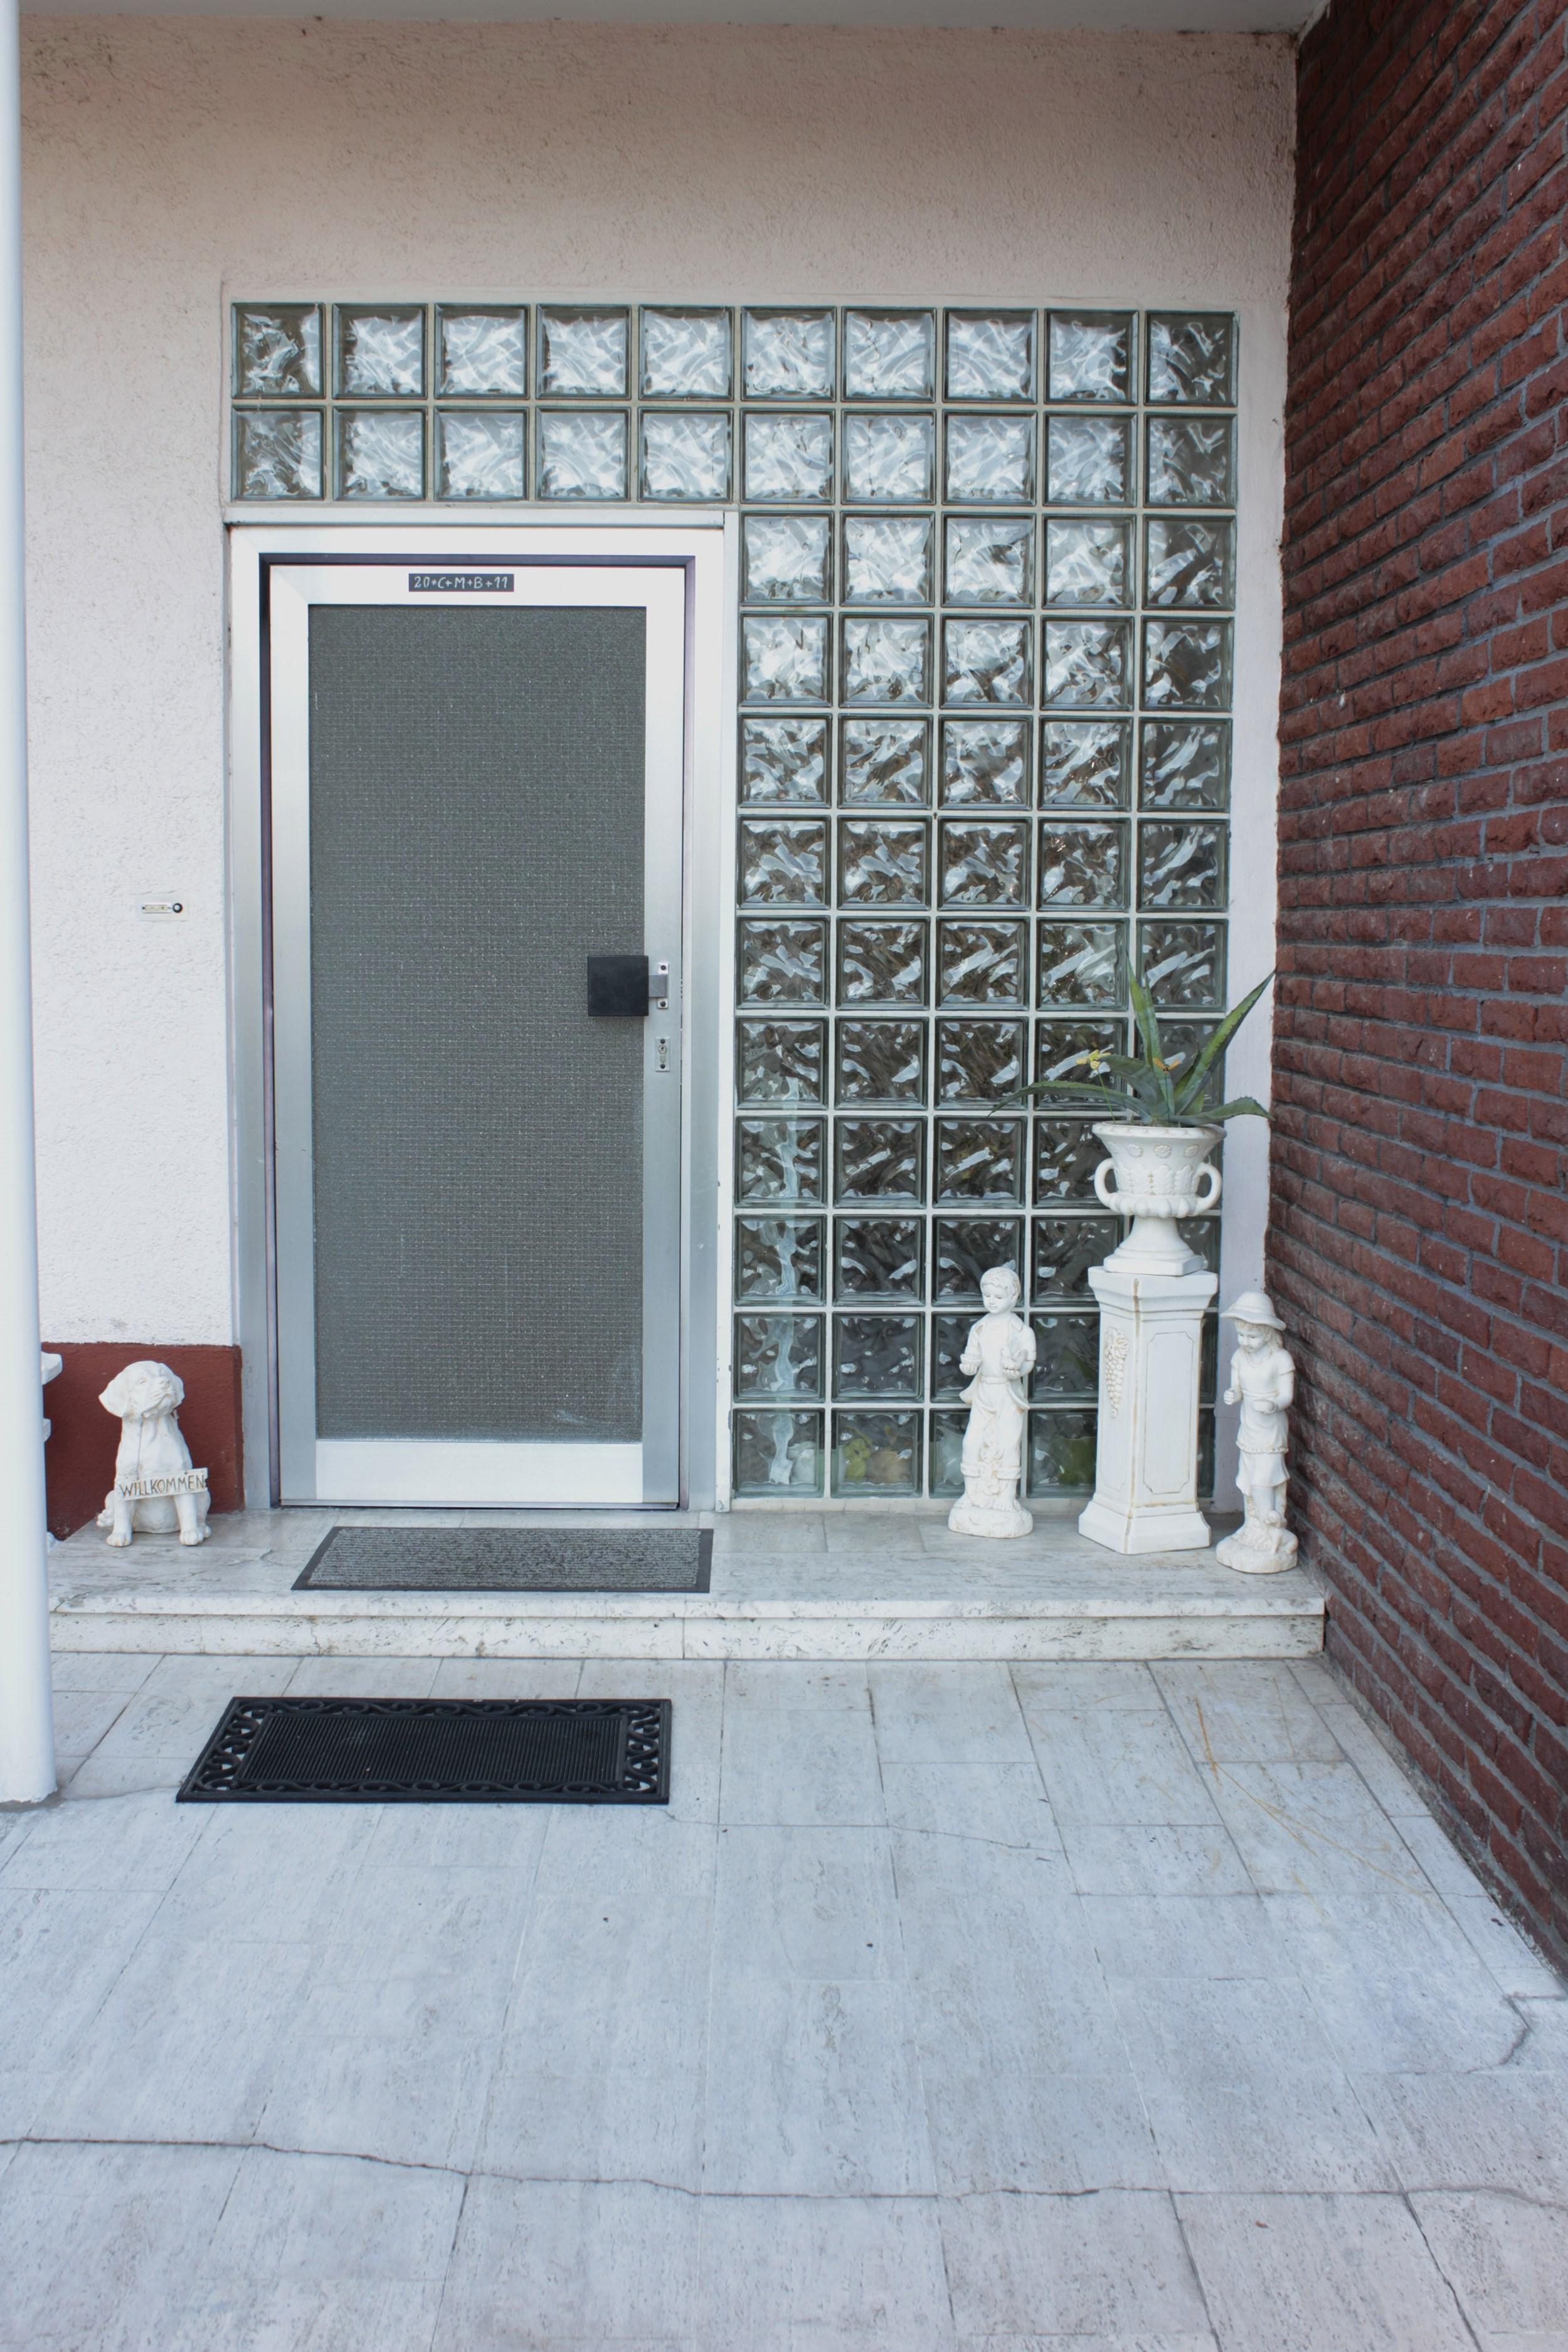 kundenbeispiele haust renrenovierung portas renovierung. Black Bedroom Furniture Sets. Home Design Ideas